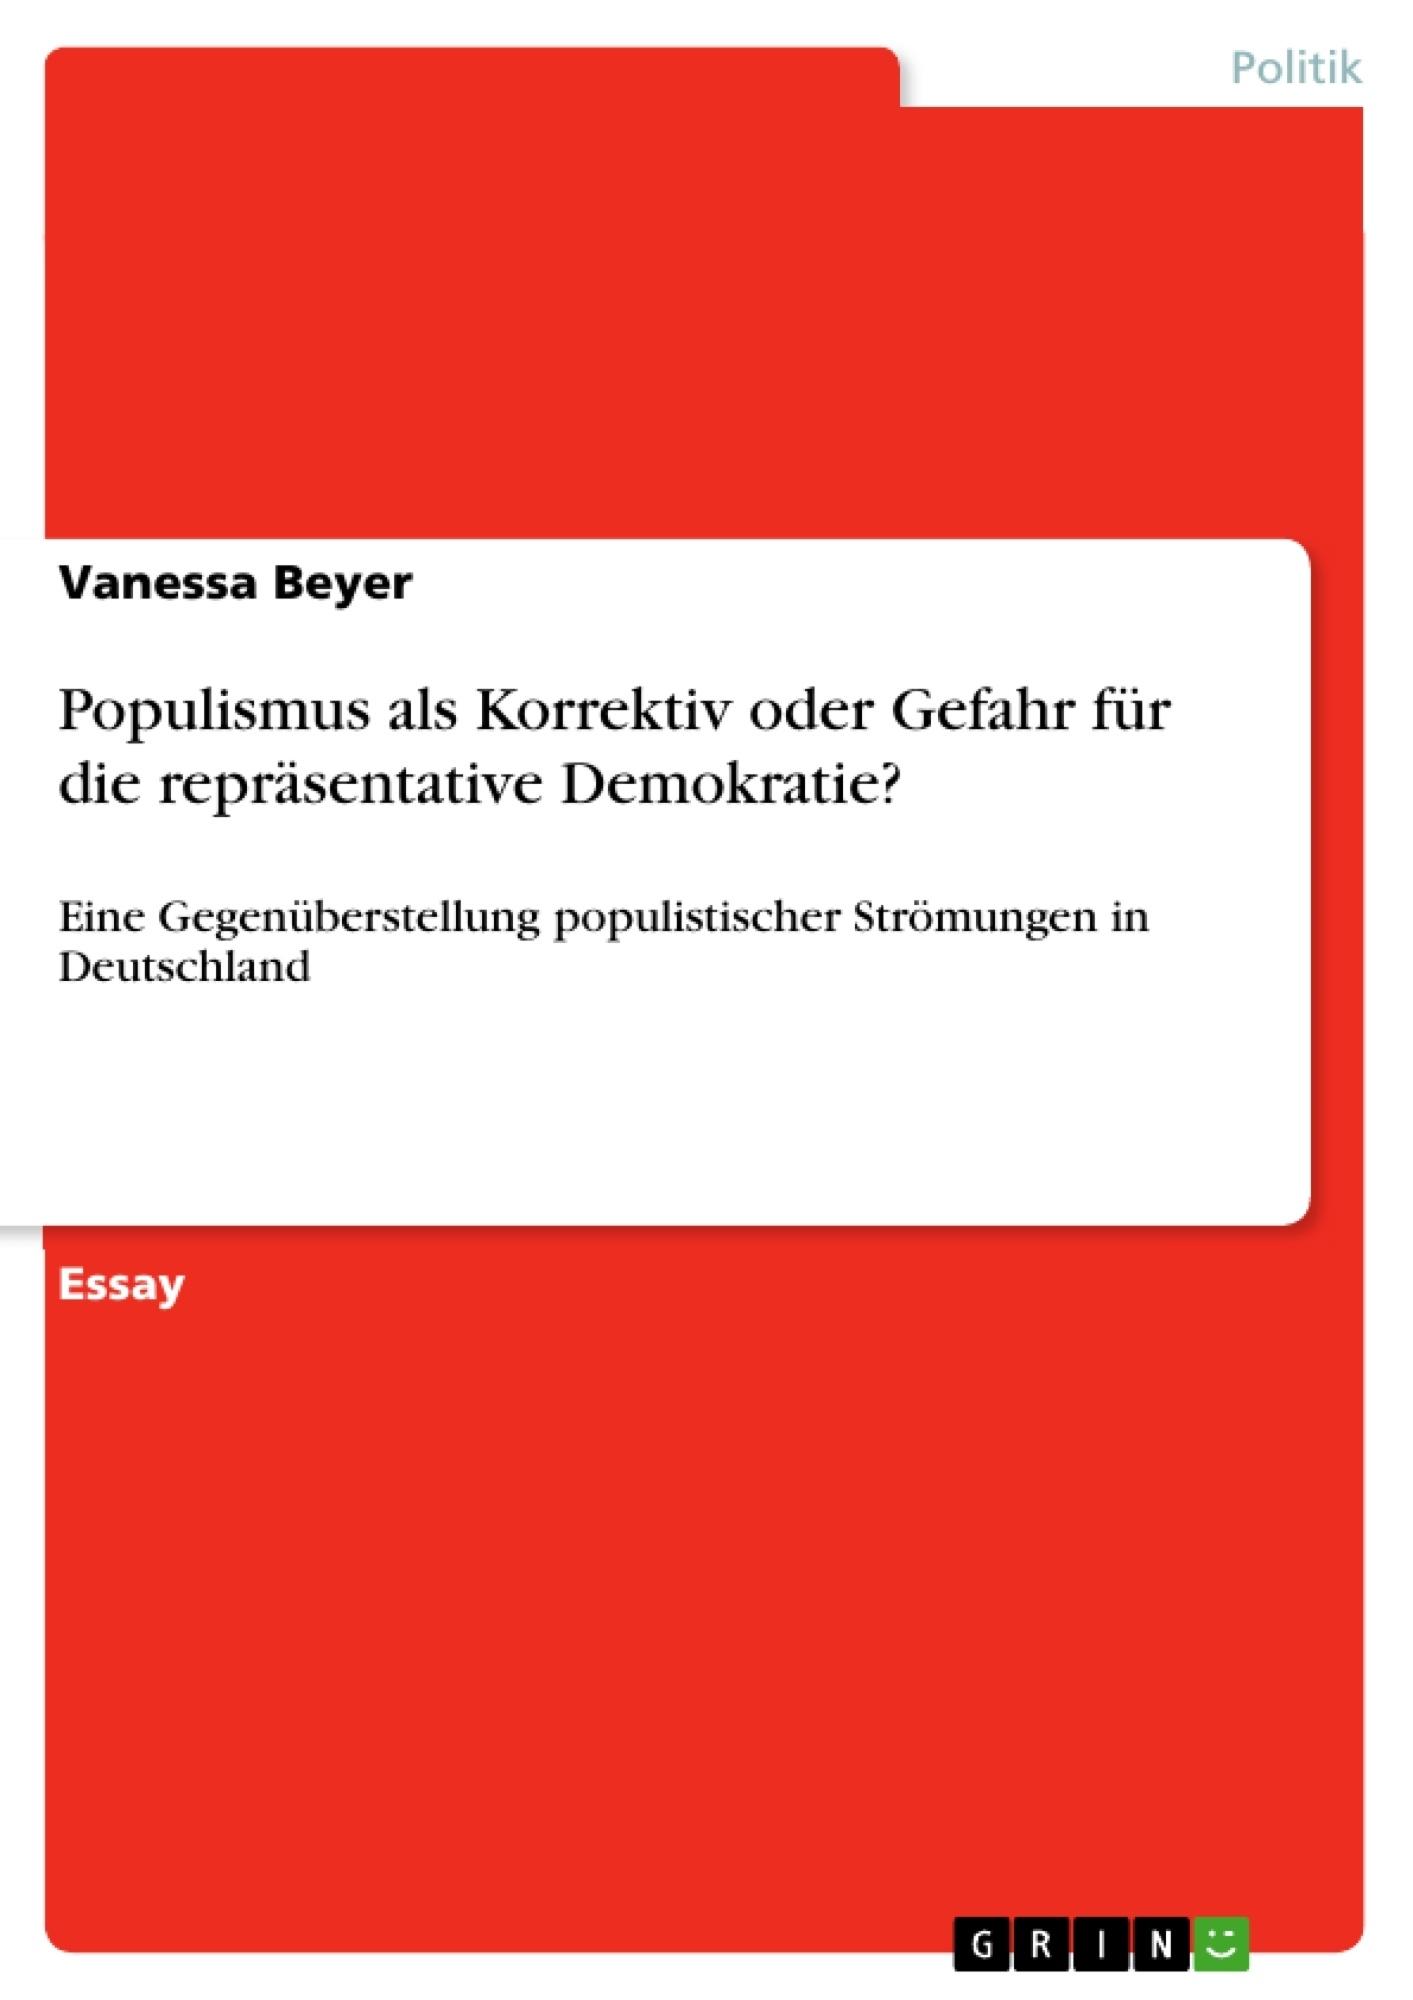 Titel: Populismus als Korrektiv oder Gefahr für die repräsentative Demokratie?